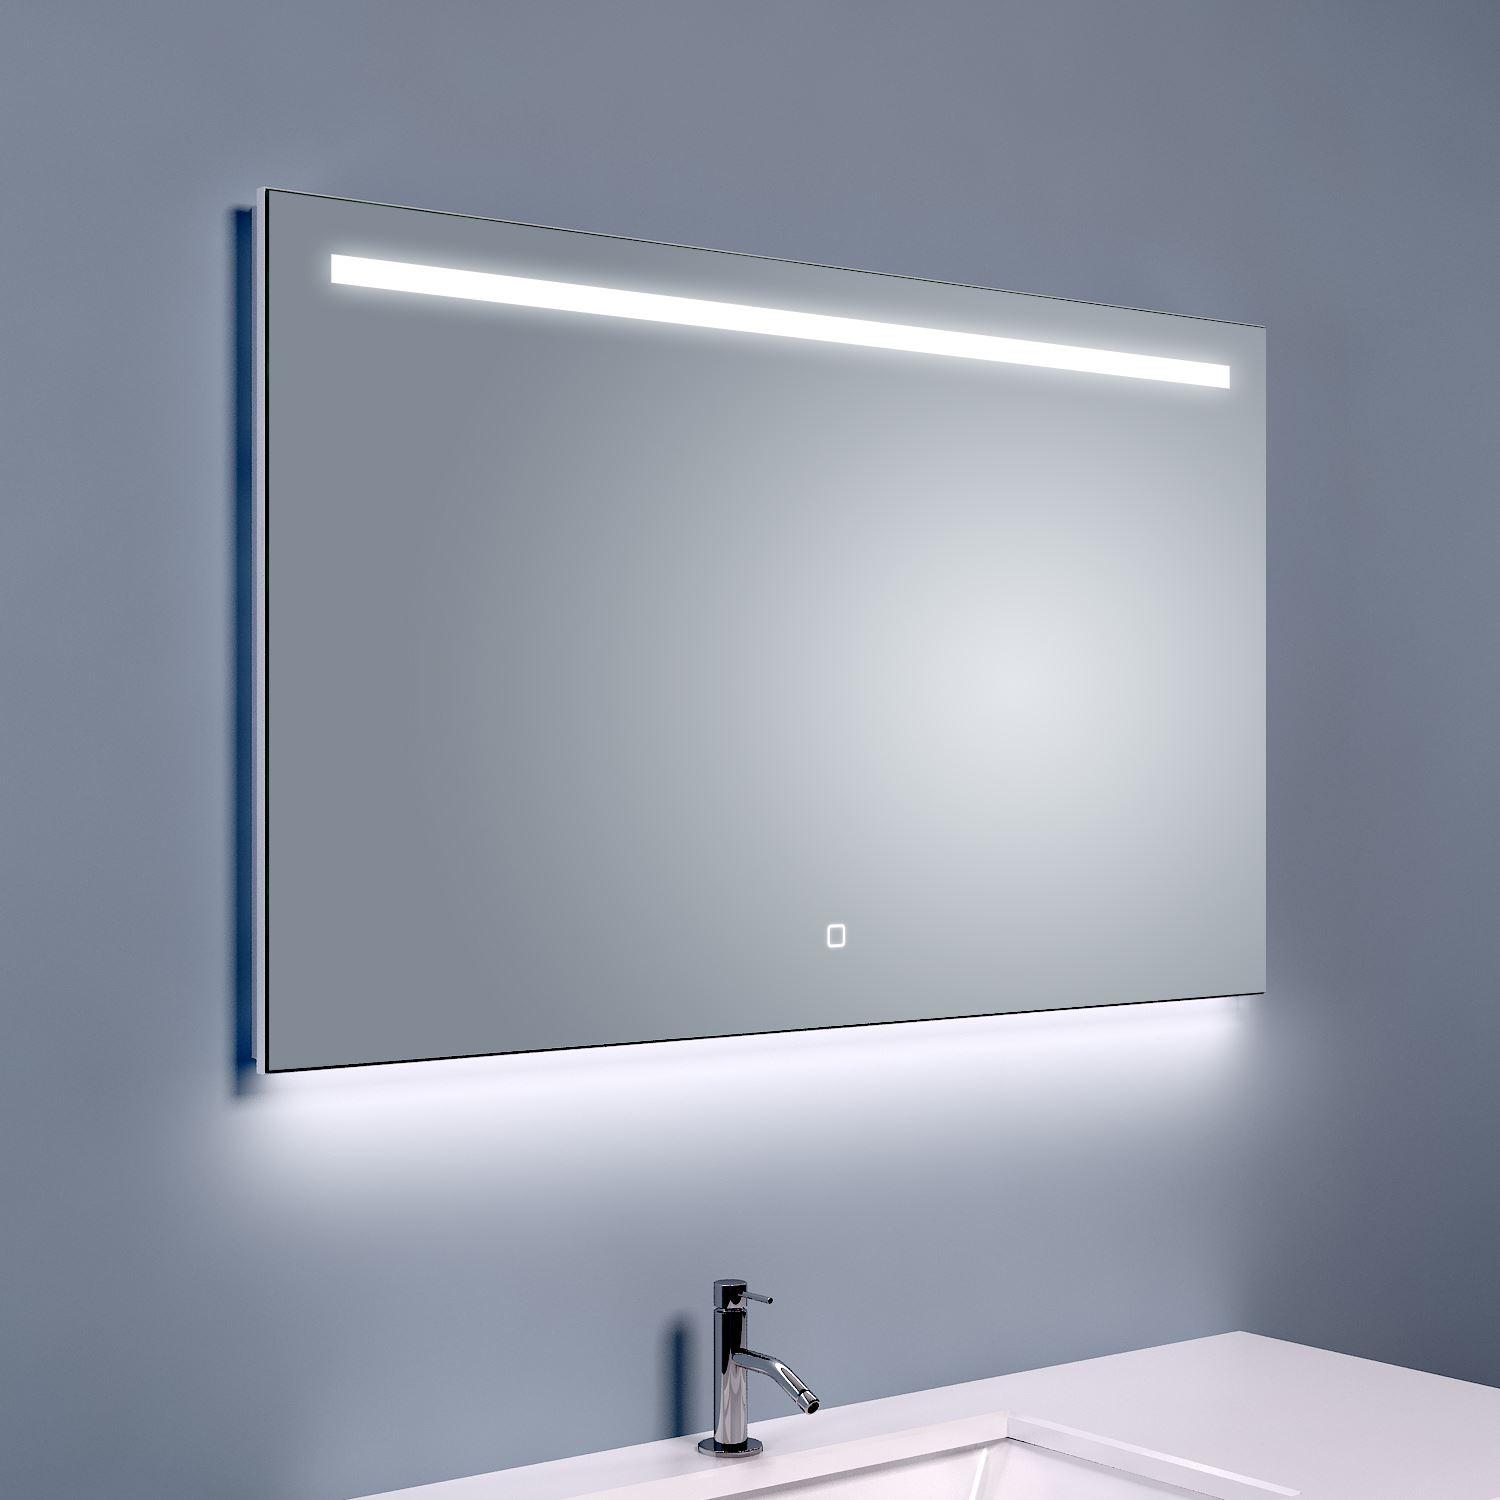 Bws ambi ledspiegel dimbaar one condensvrij 100x60 cm for Spiegel 100x60